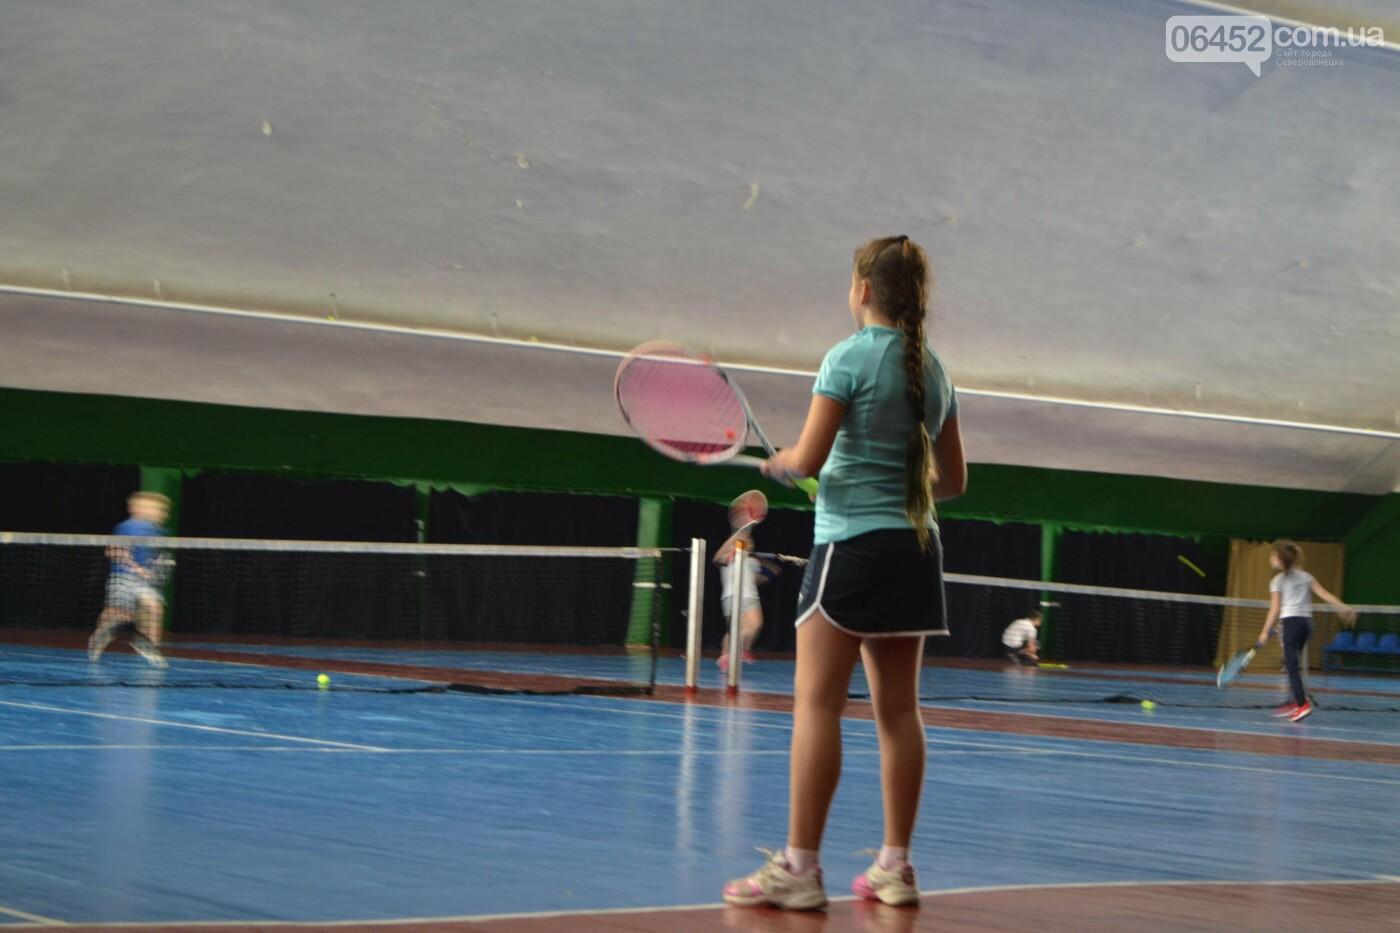 В Северодонецке проходит Чемпионат области по теннису (фото, видео) , фото-3